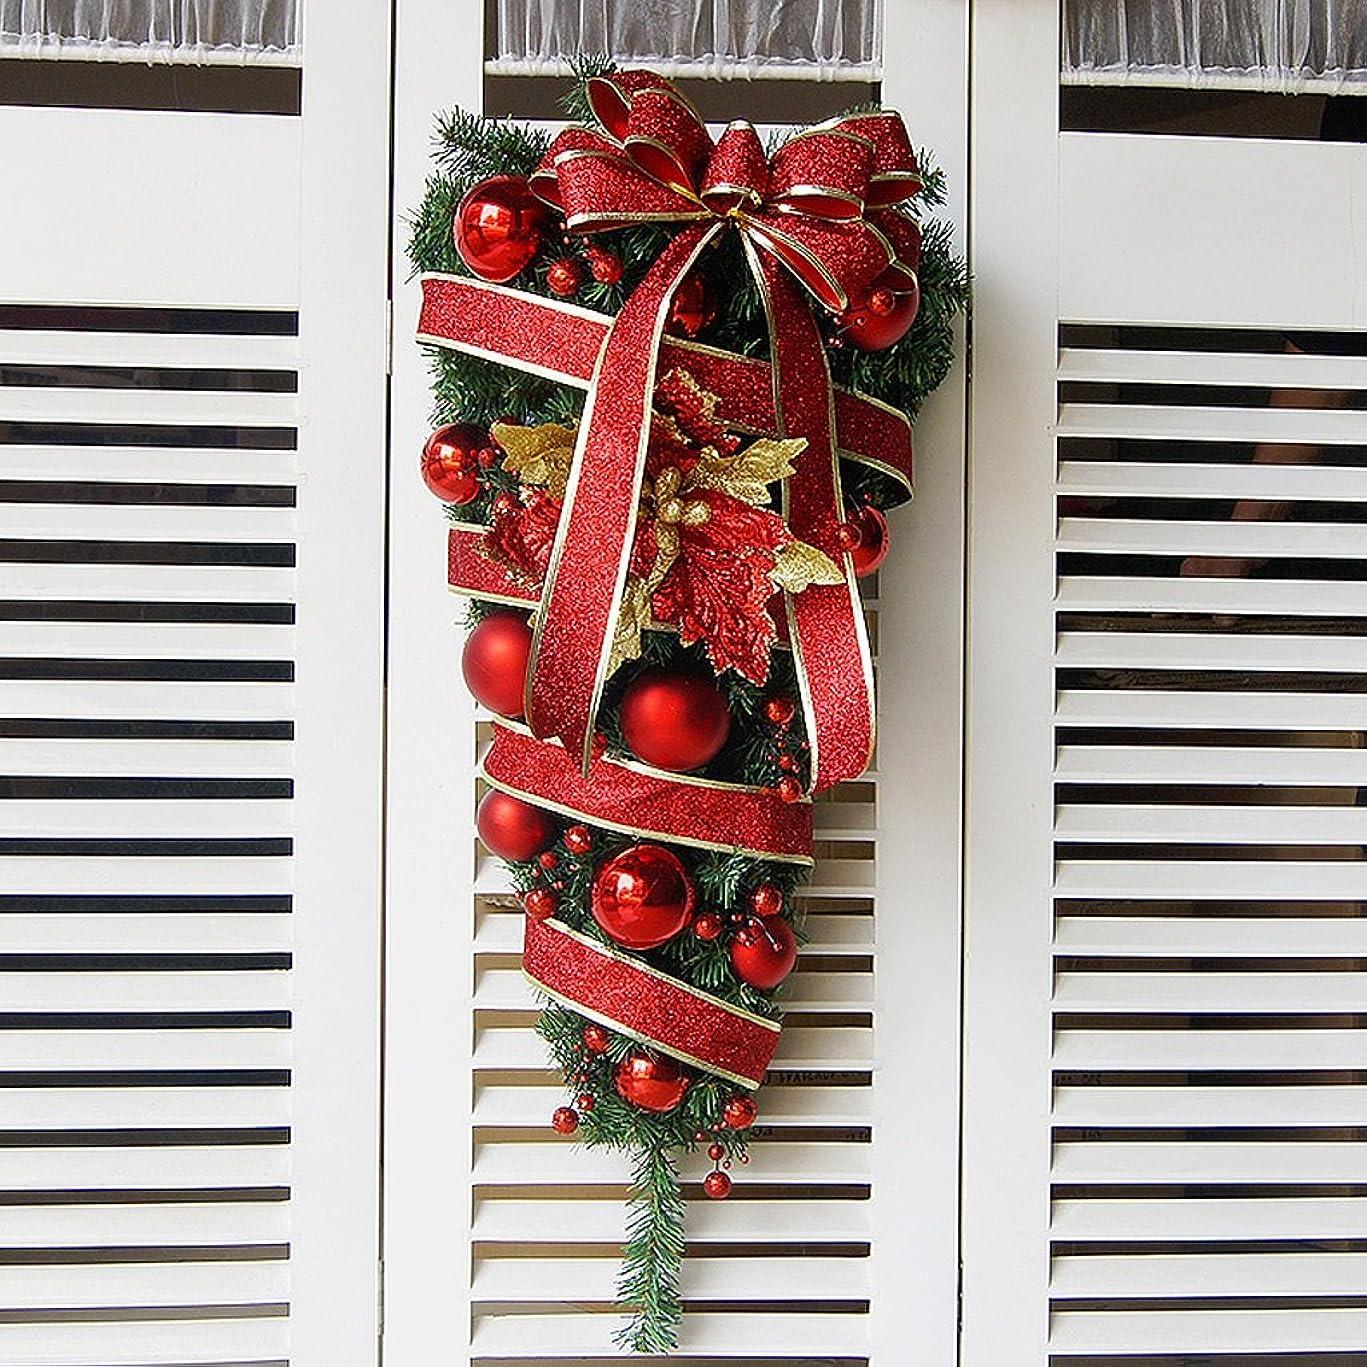 干ばつドラム実現可能性クリスマスの花輪のドアの装飾品クリスマスの装飾 ( 色 : 赤 , サイズ さいず : 60 cm 60 cm )